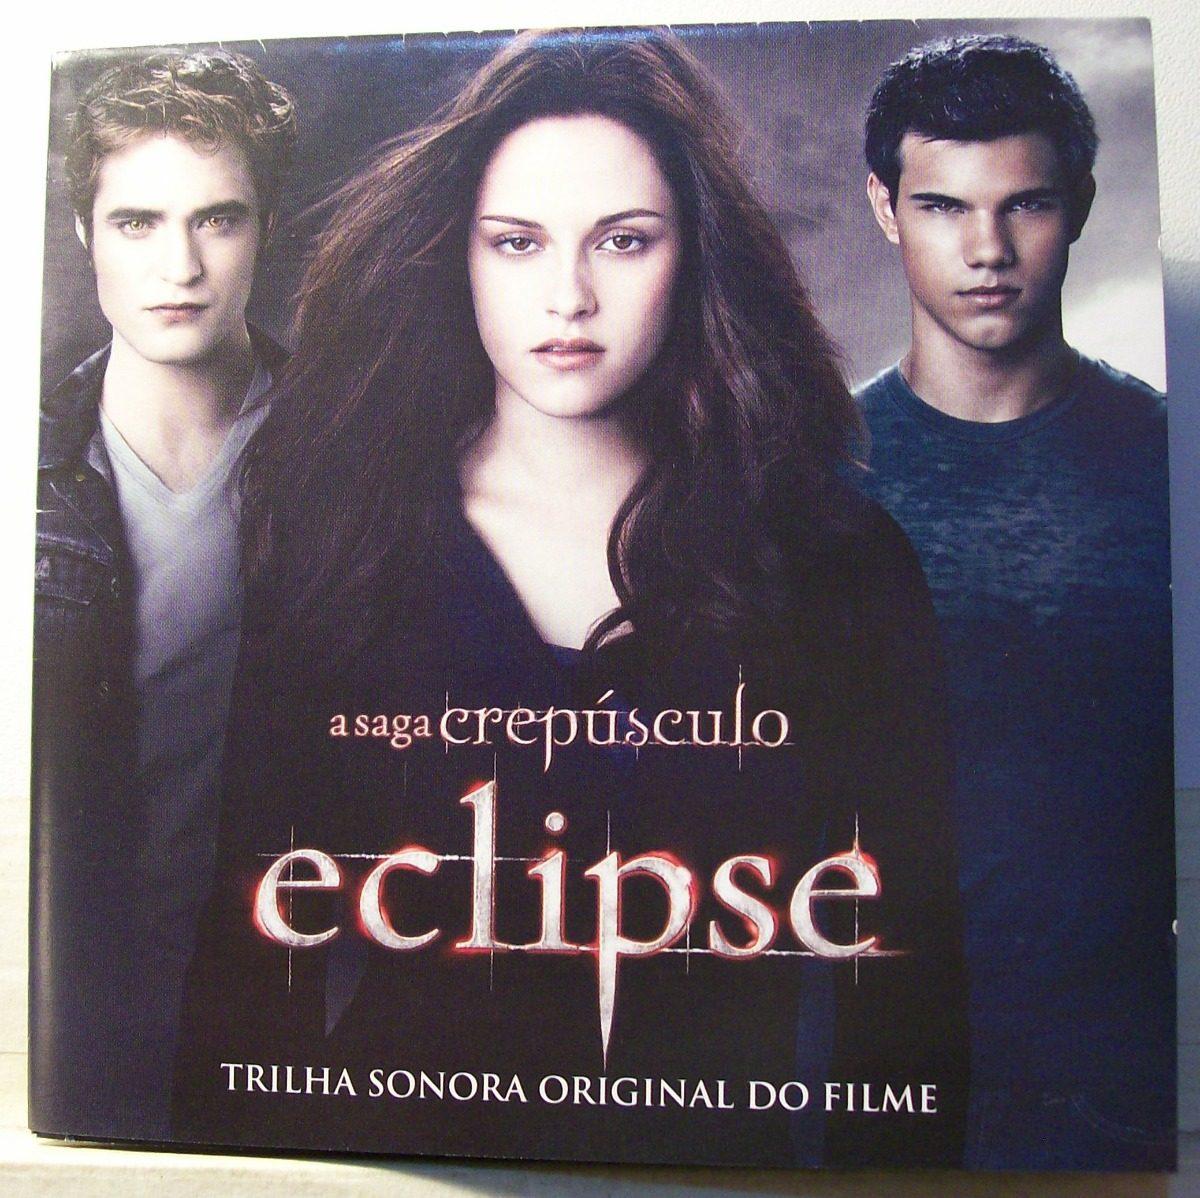 trilha sonora do filme crepusculo eclipse